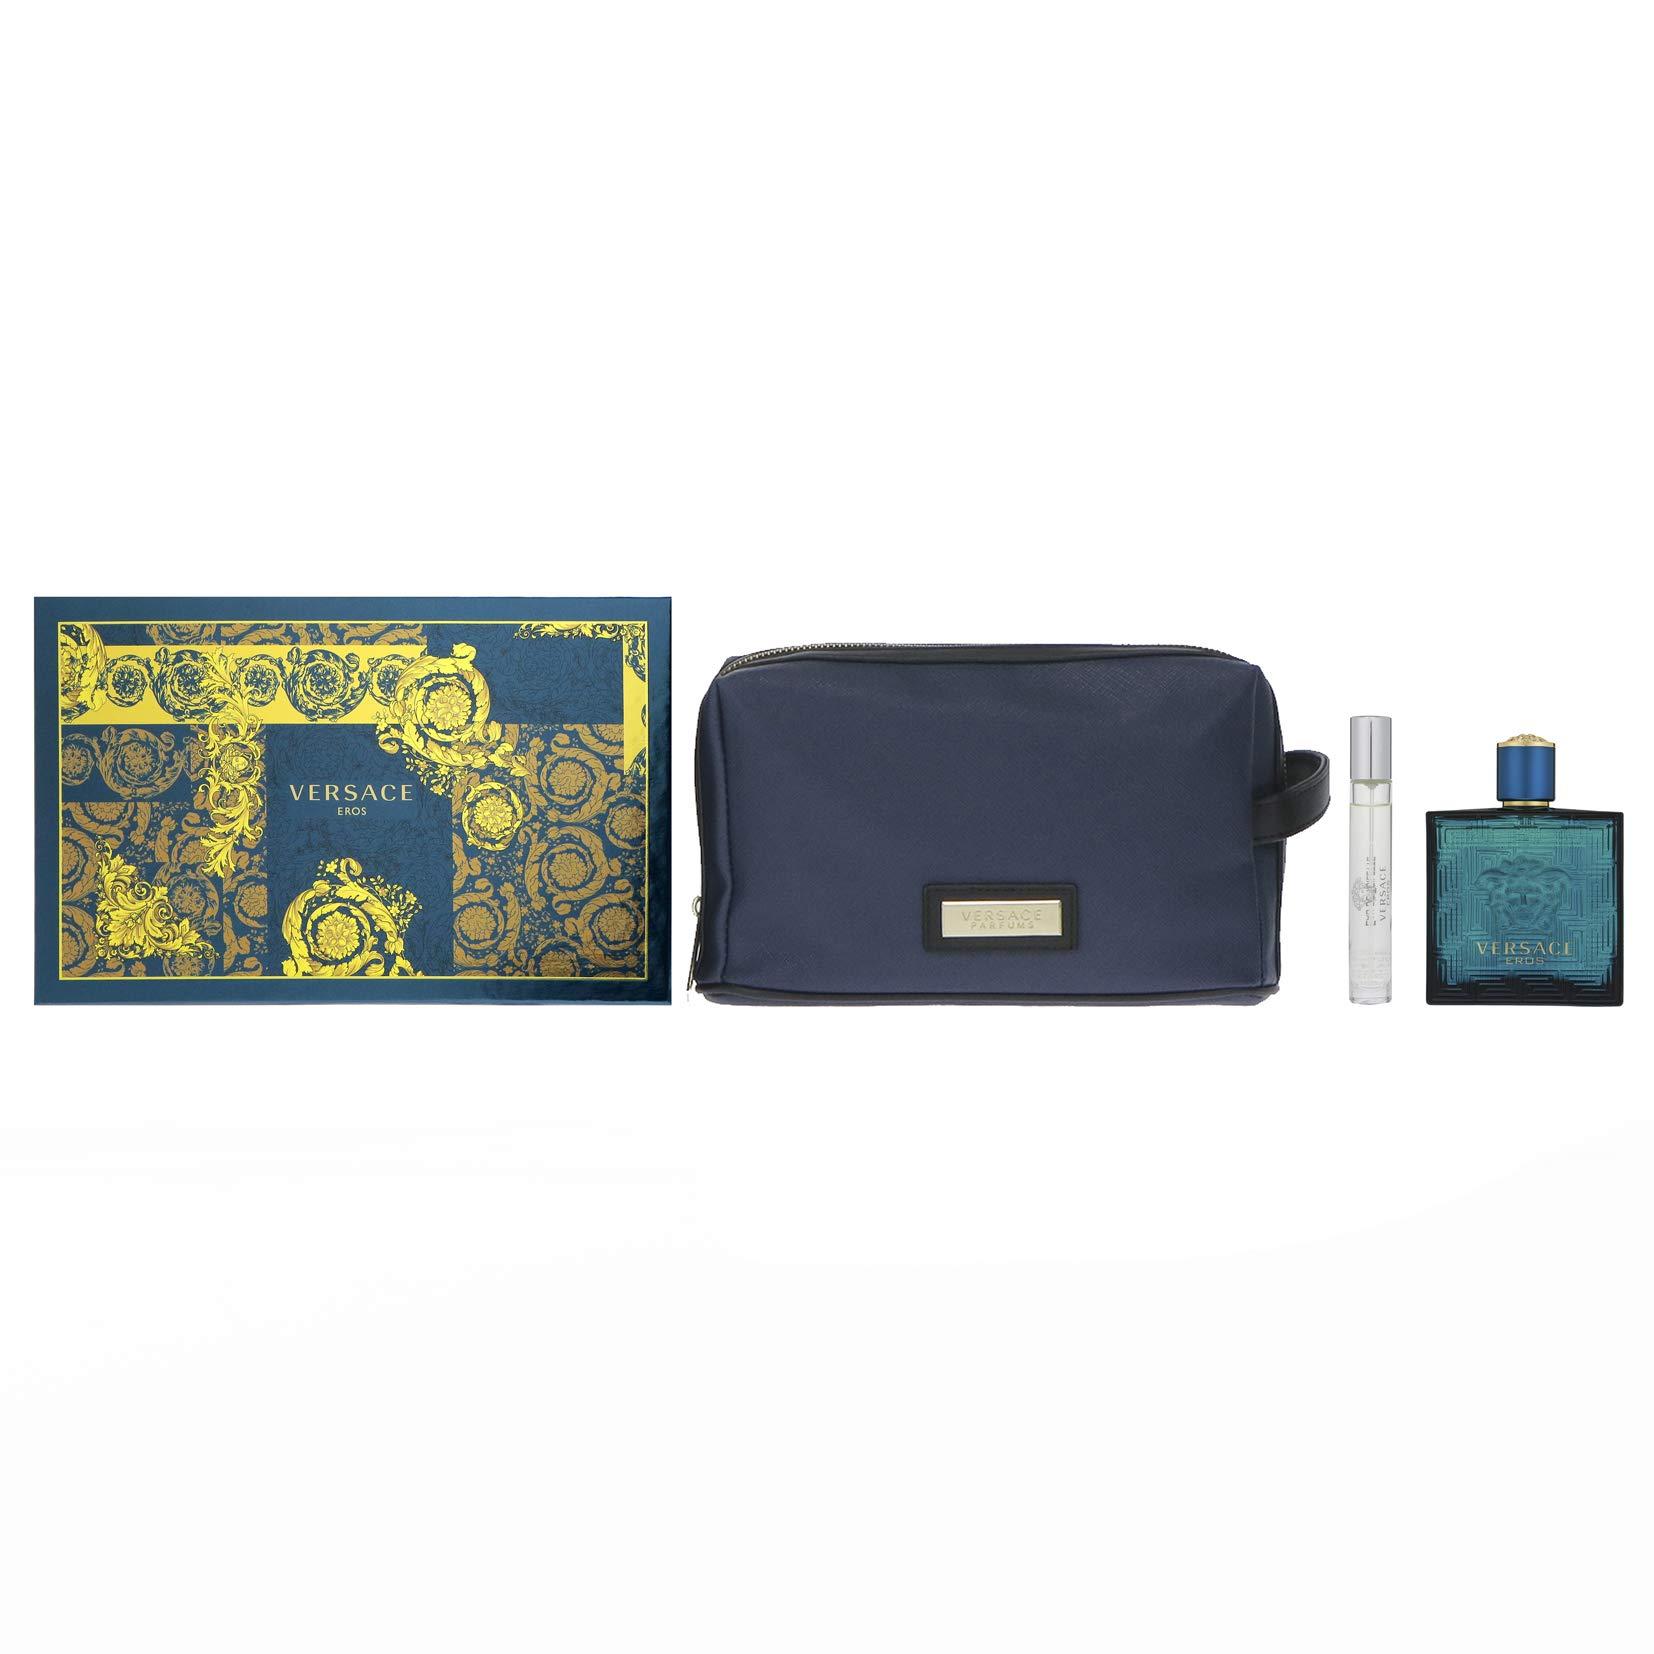 Versace Eros For Men 3 Pieces Hardbox Set (3.4 Ounce Eau De Toilette Spray+ 0.3 Ounce Eau De Toilette Spray +Versace Blue Trousse) by Versace